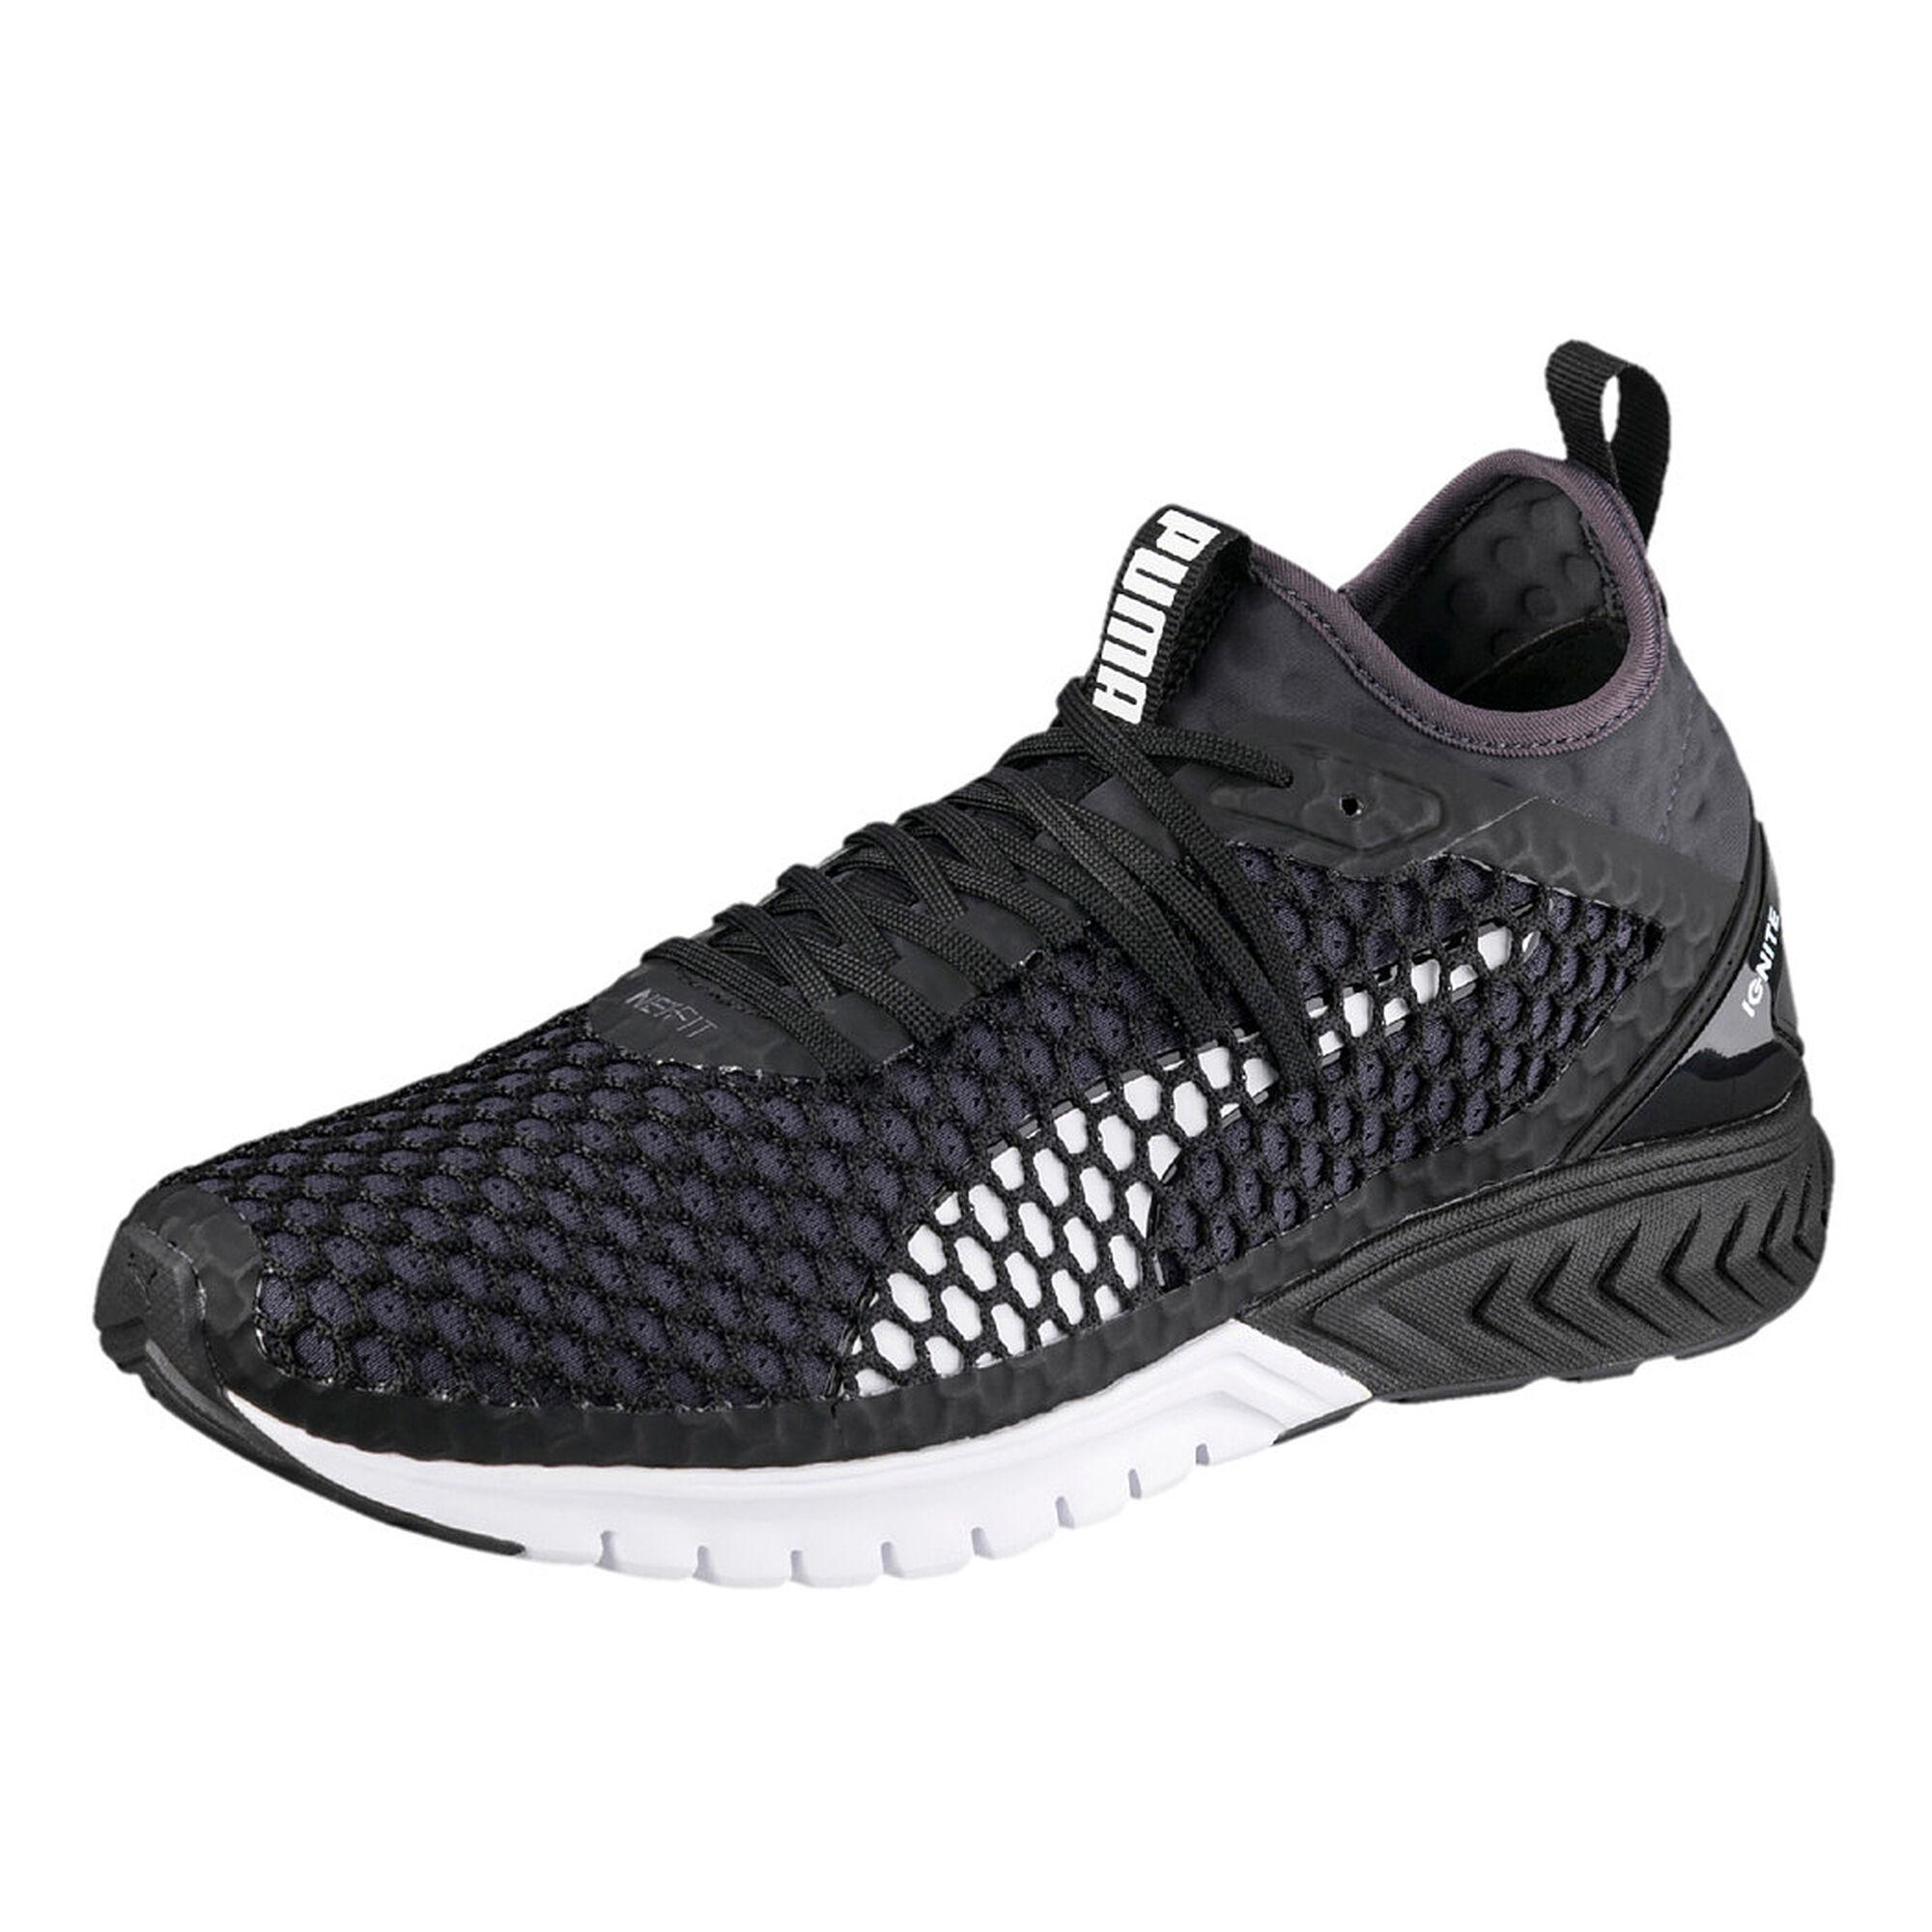 4d38e2378a5 buy Puma Ignite Dual Netfit Neutral Running Shoe Men - Black